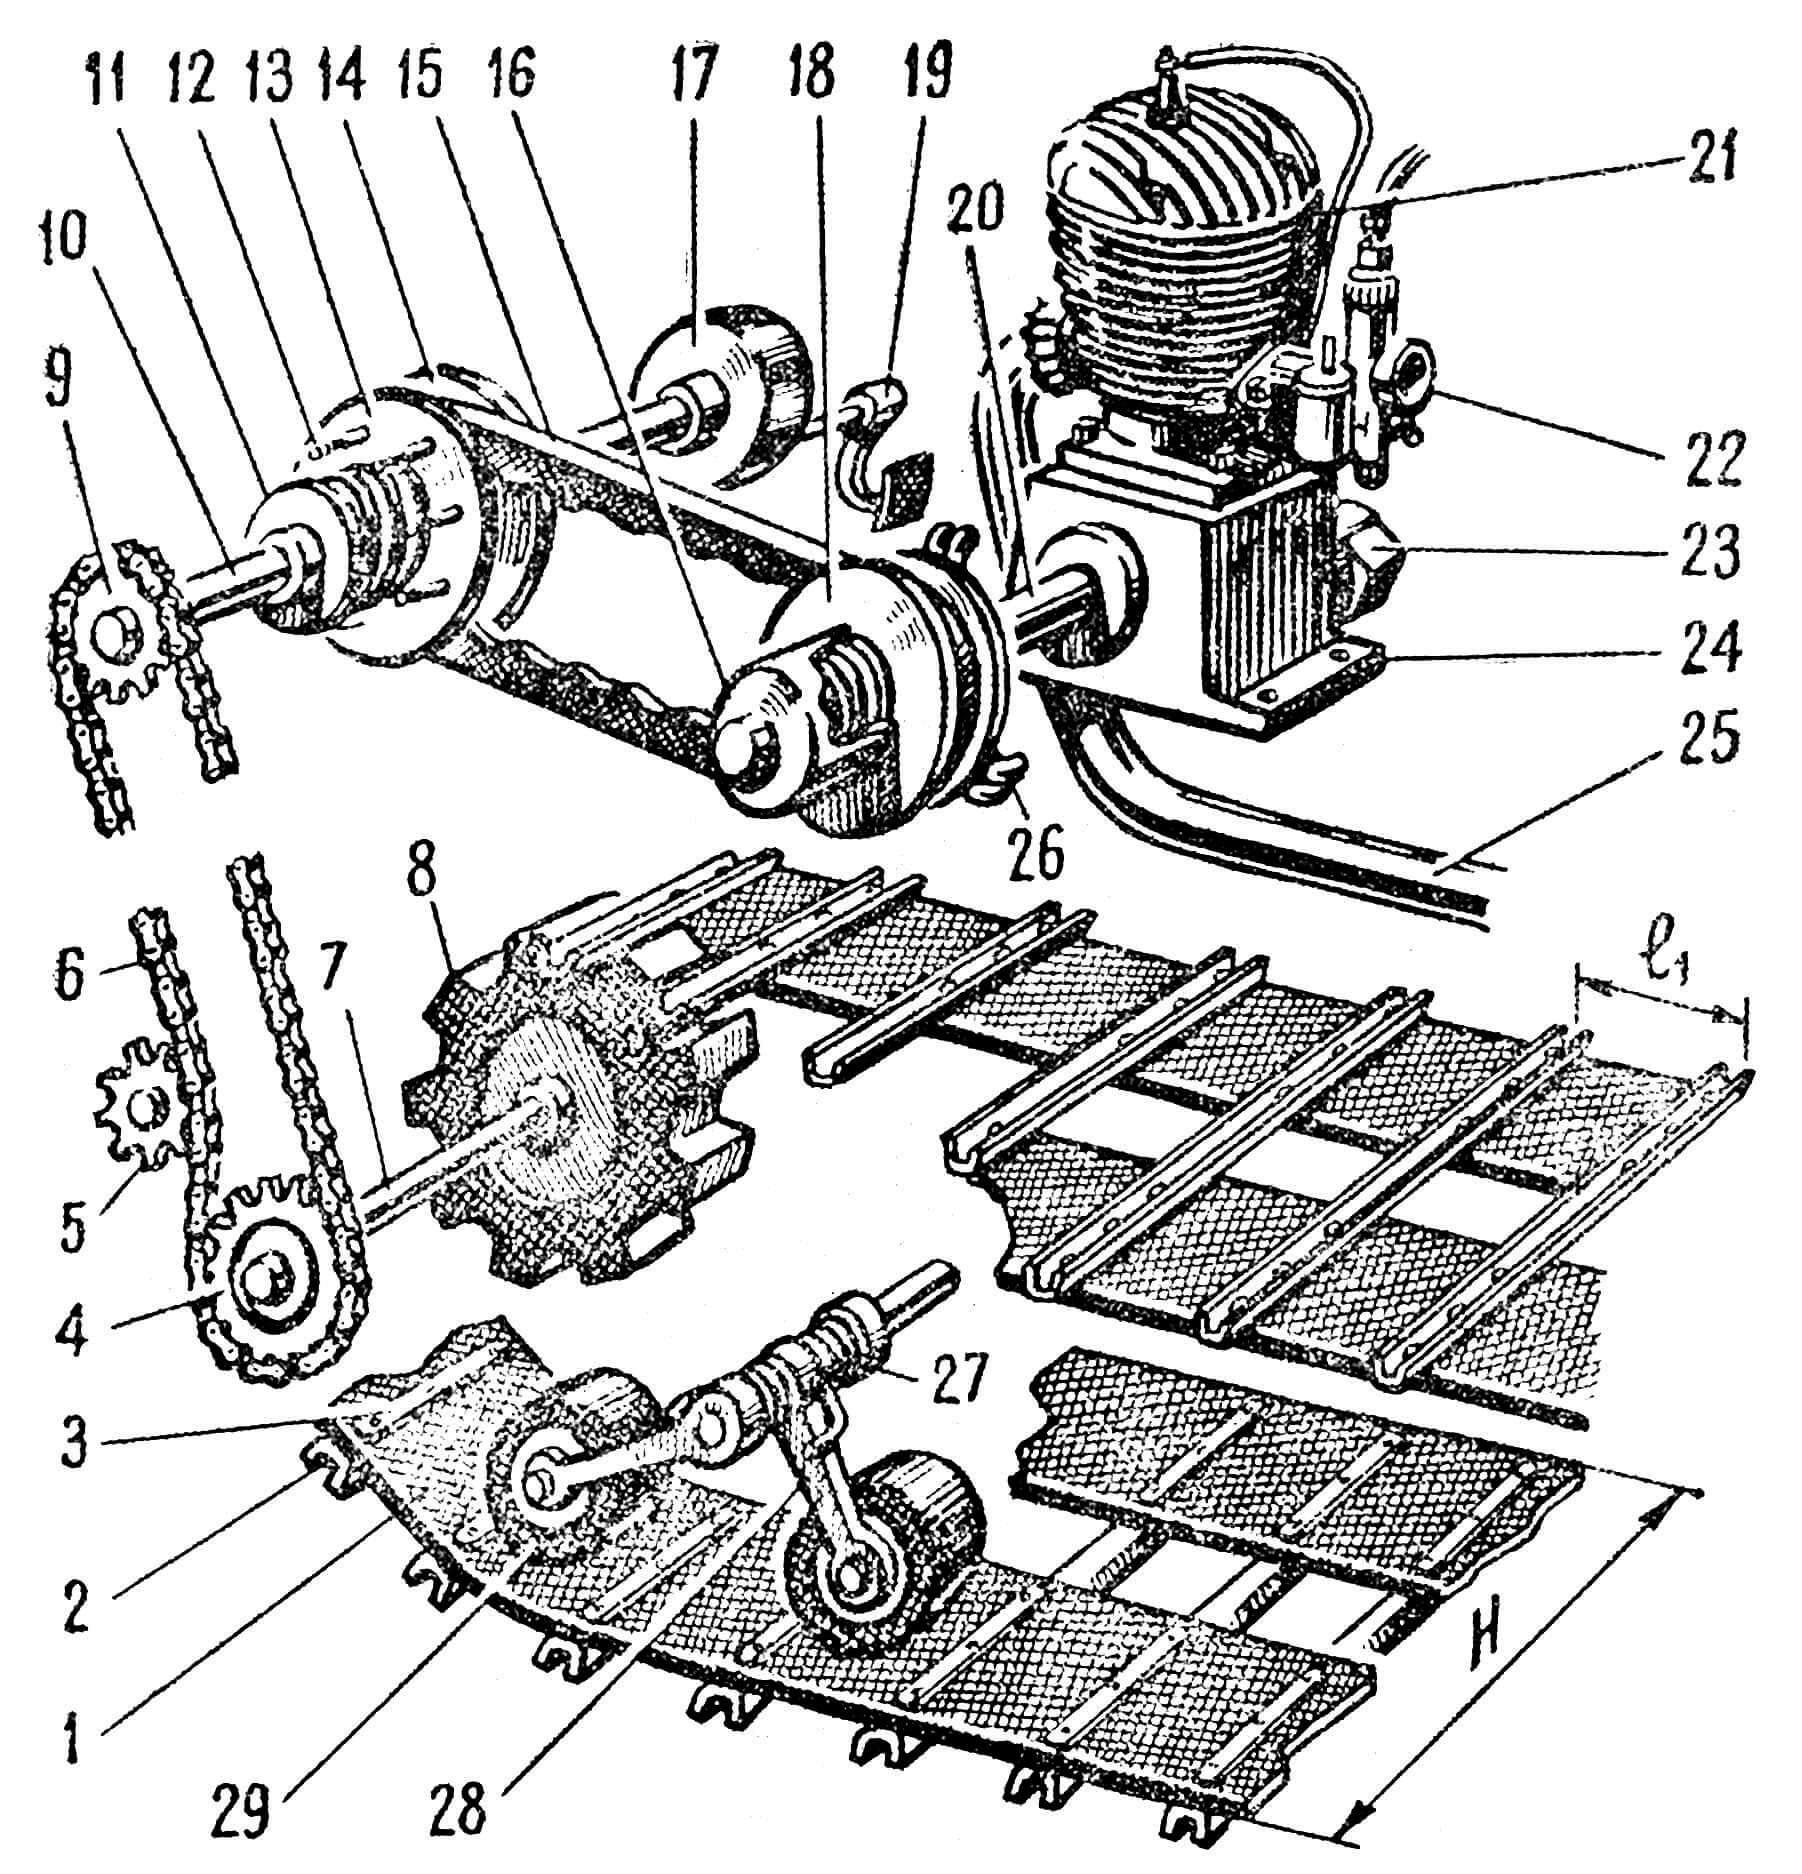 Рис. 1. Схема силовой передачи мотонарт: 1 — лента гусеницы, 2 — снегозацеп, 3 — подкладка на внутренней стороне ленты, 4 — ведомая звездочка цепи бортовой передачи, 5 — паразитная звездочка, 6 — цепь бортовой передачи, 7 — ведущий вал, 8 — ведущее колесо гусеницы, 9 — ведущая звездочка бортовой передачи, 10 — ведомый вал вариатора, 11 — опора пружины ведомого шкива, 12 — направляющий штырь, 13 — подвижный диск ведомого шкива, 14 — неподвижный диск вариатора, 15 — клиновидный ремень, 16 — ведущий шкив вариатора, 17 — барабан колодочного тормоза, 18 — подвижный диск ведущего шкива вариатора, 19 — педаль тормоза, 20 — вал двигателя, 21 — двигатель, 22 — карбюратор, 23 — магнето, 24 — картер двигателя, 25 — выхлопной трубопровод двигателя, 26 — грузики автоматической регулировки, 27 — пружина подвижных кронштейнов катков, 28 — подвижные кронштейны, 29 — каток.